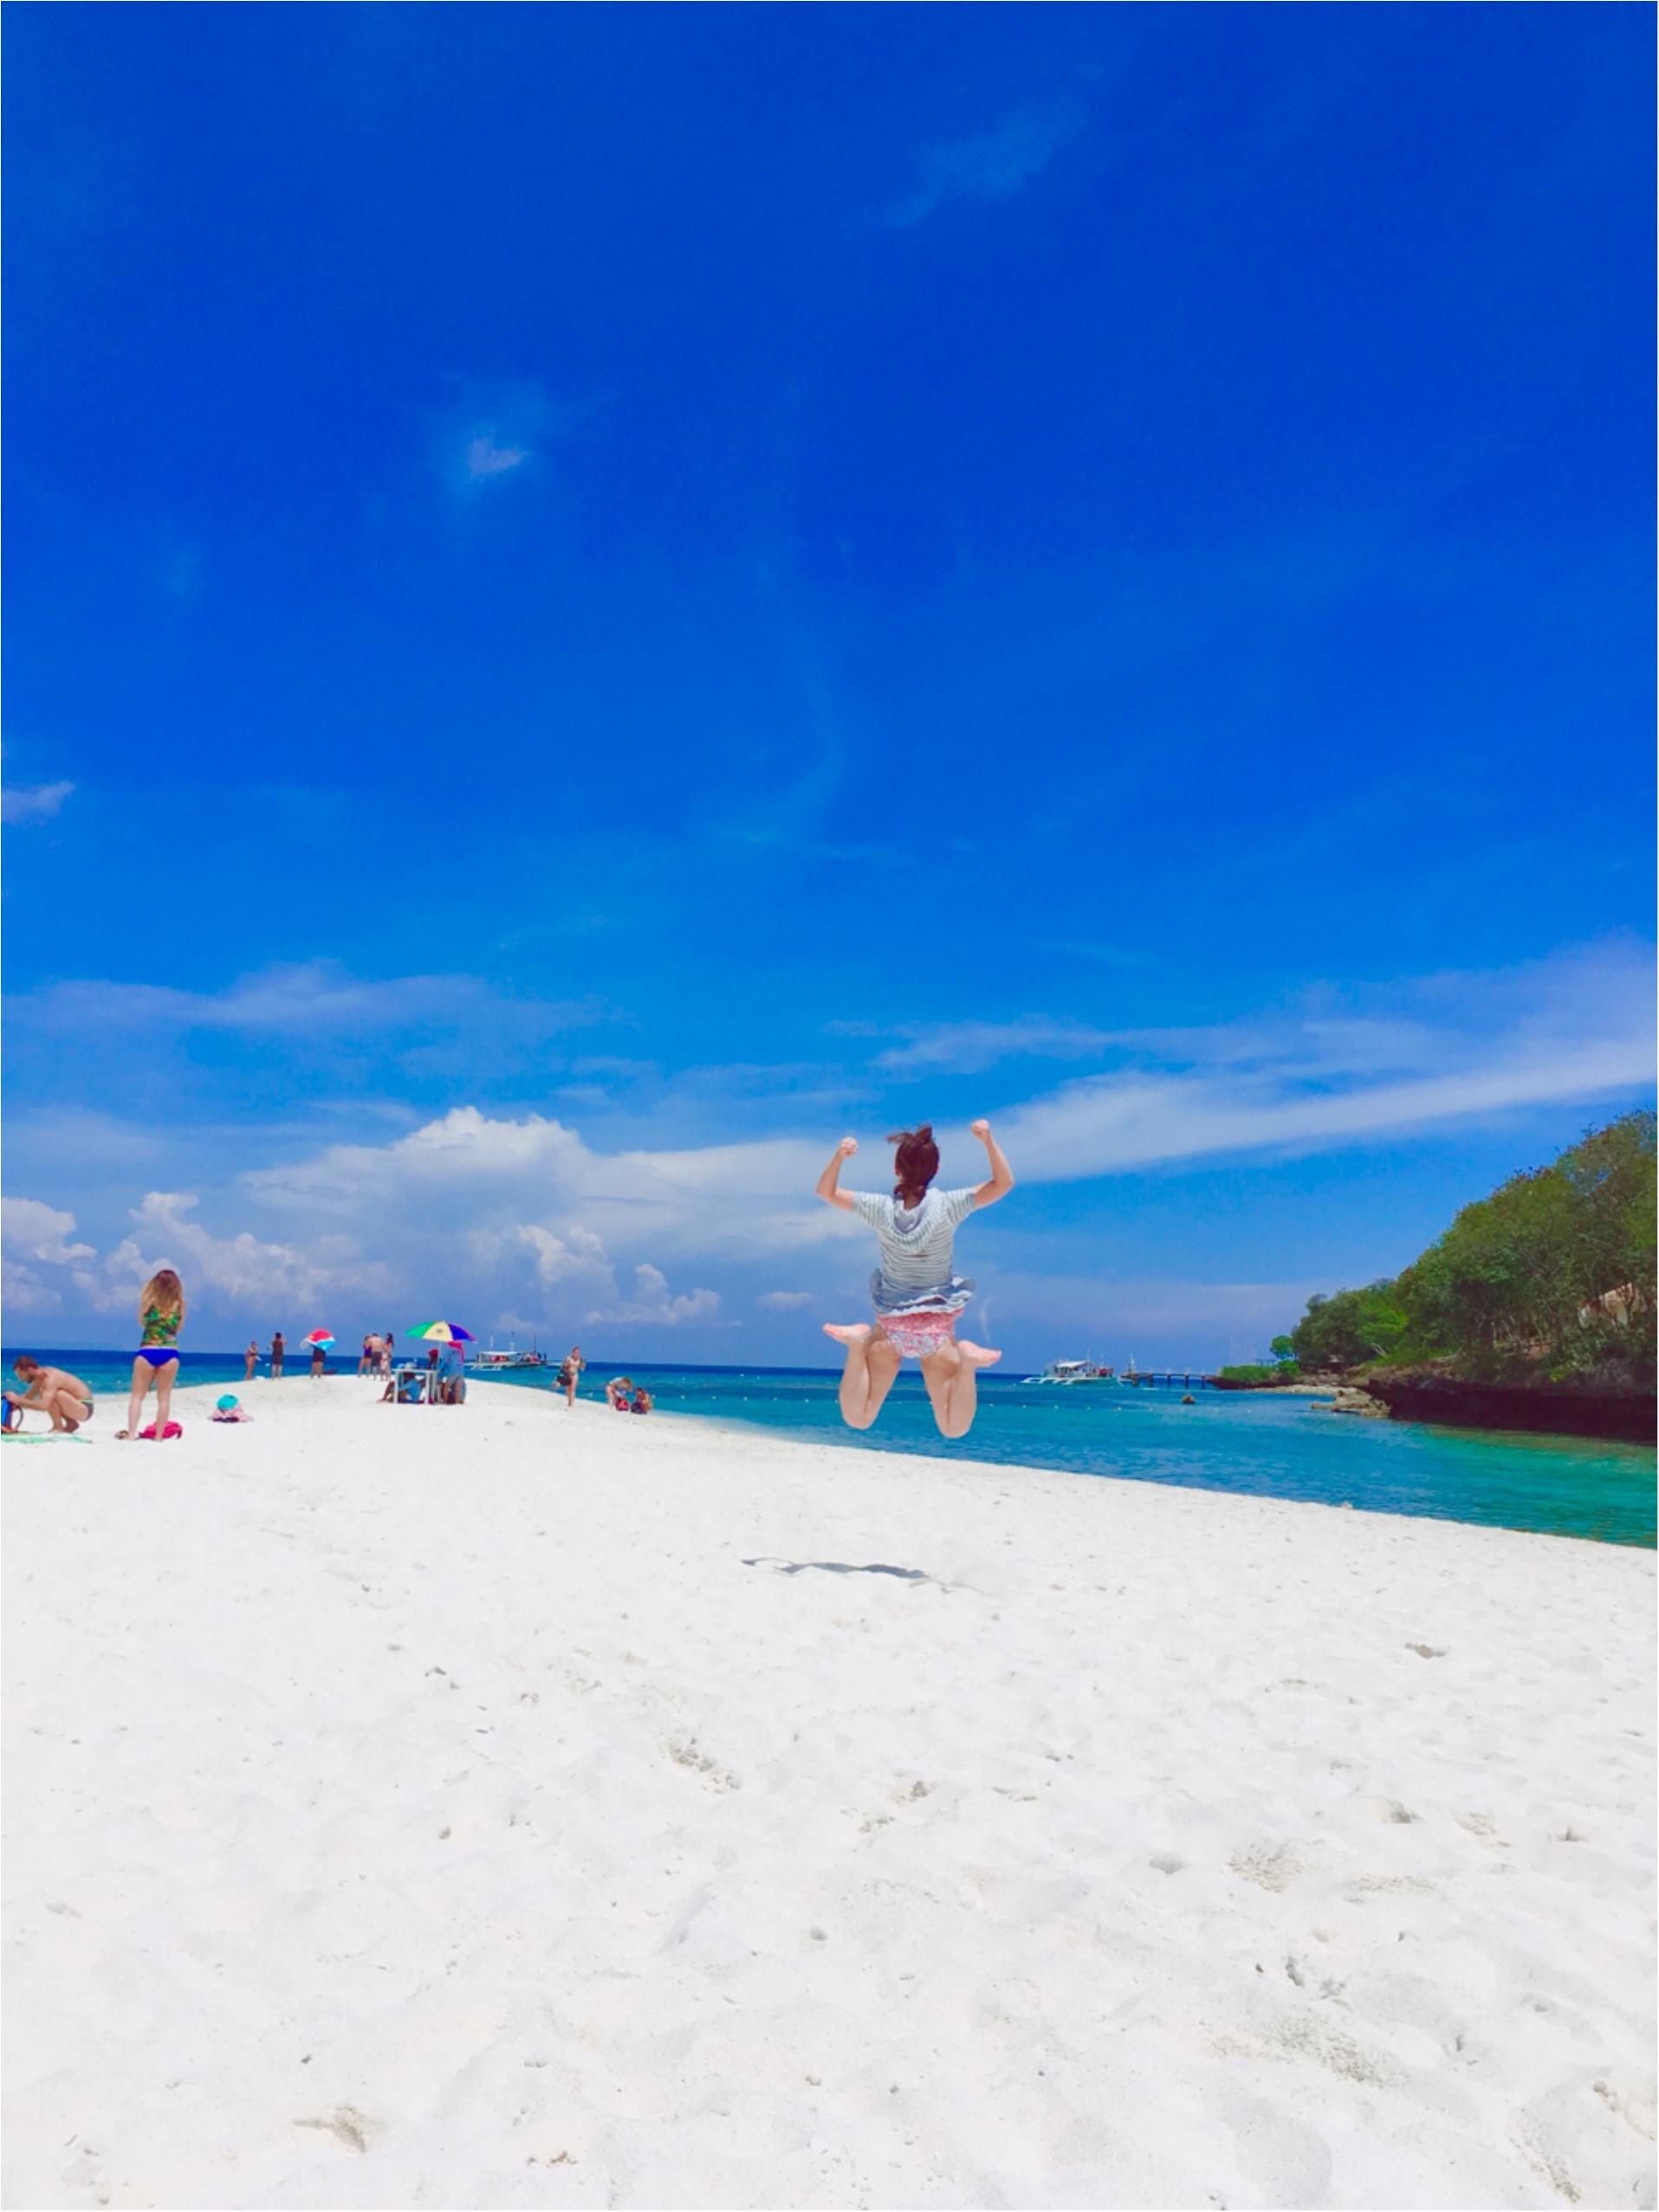 【海外旅行】パラオVSセブ島〜キレイな海対決〜_13